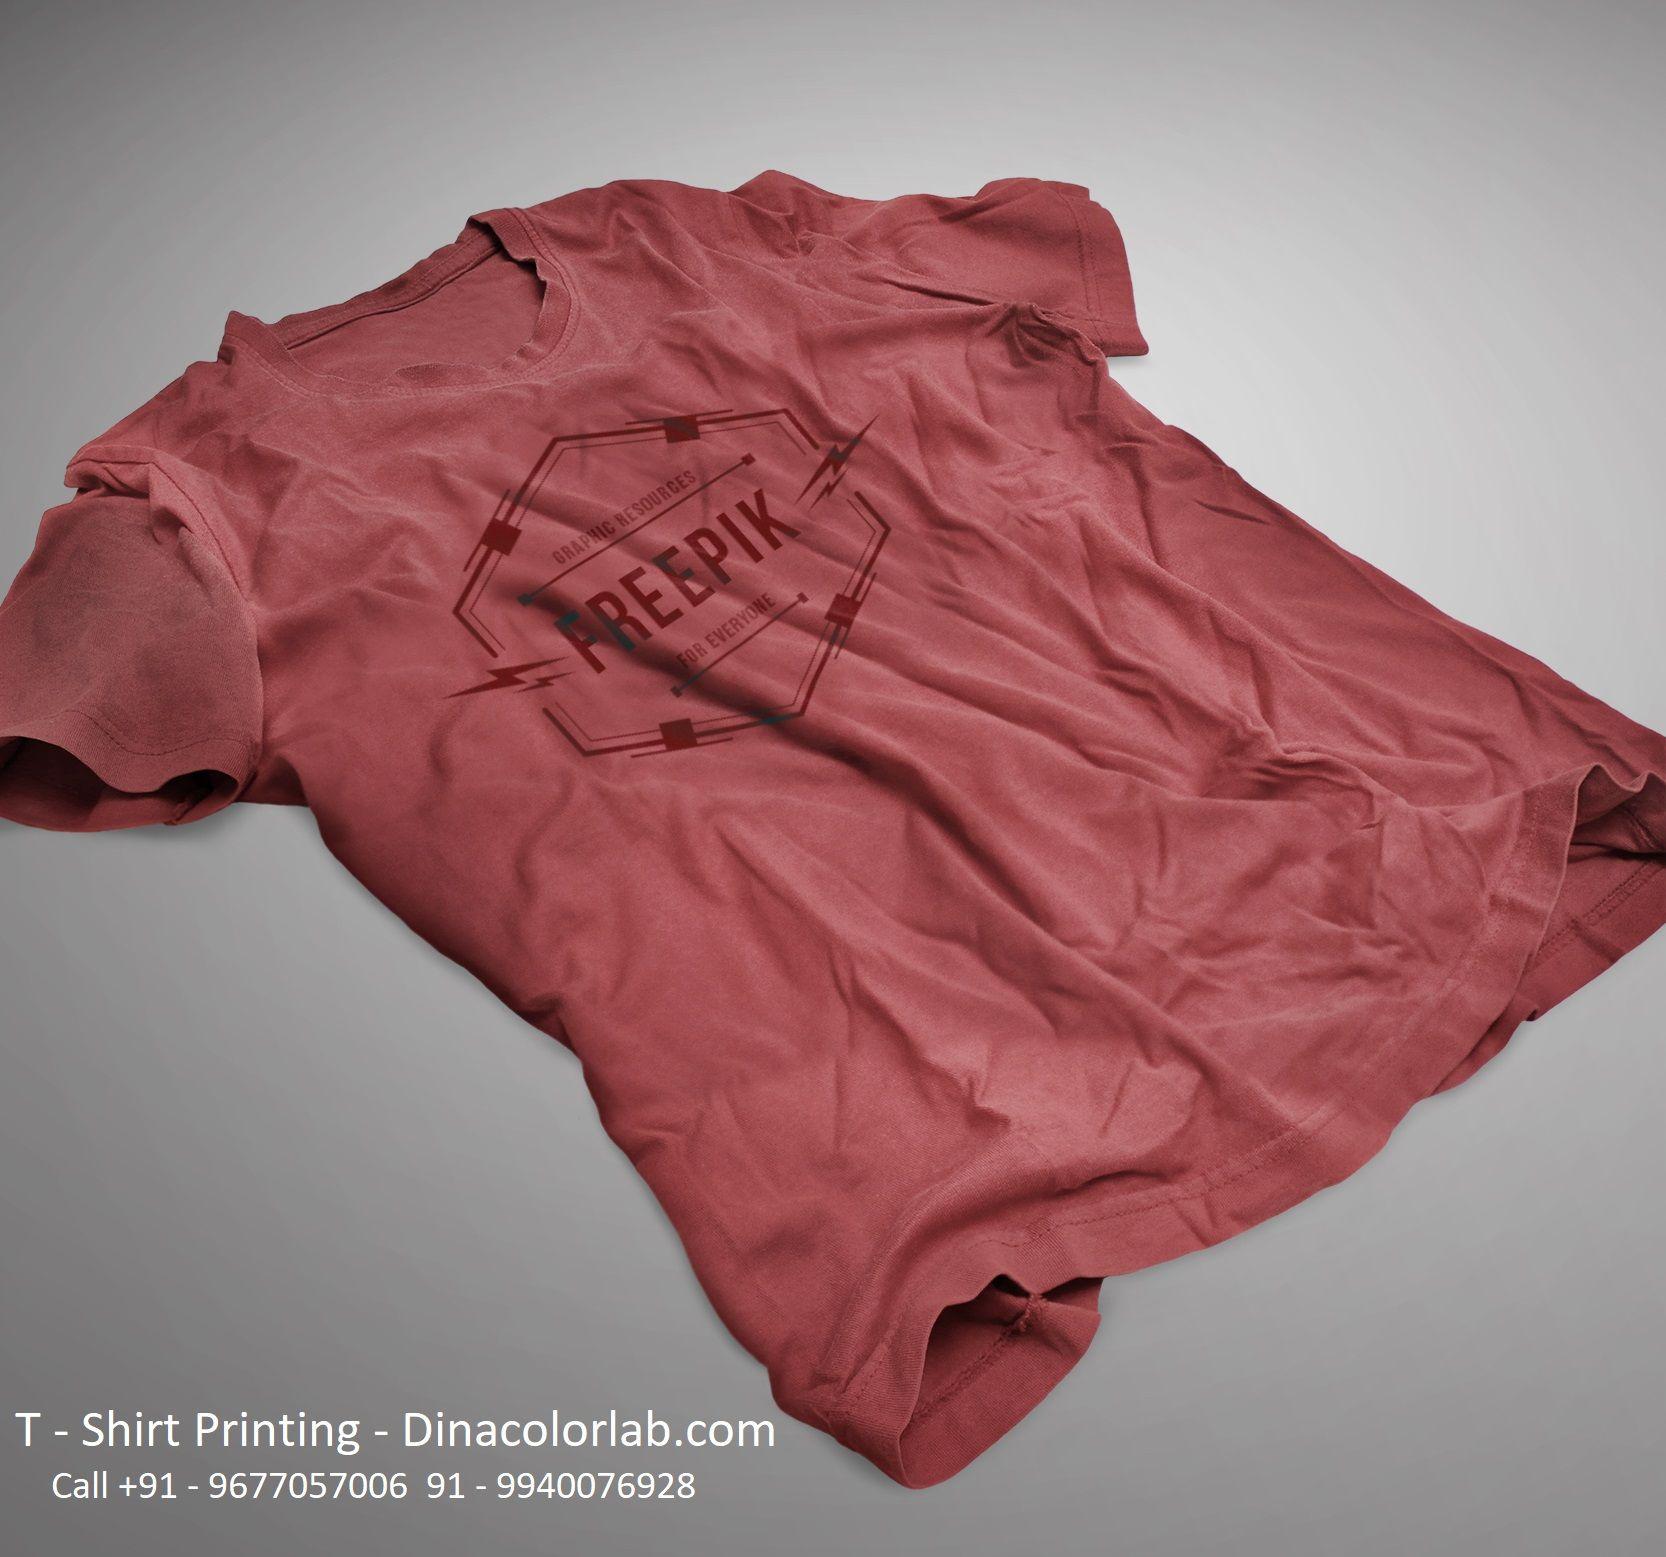 Download T Shirt Printing Shirt Mockup Tshirt Mockup Clothing Mockup